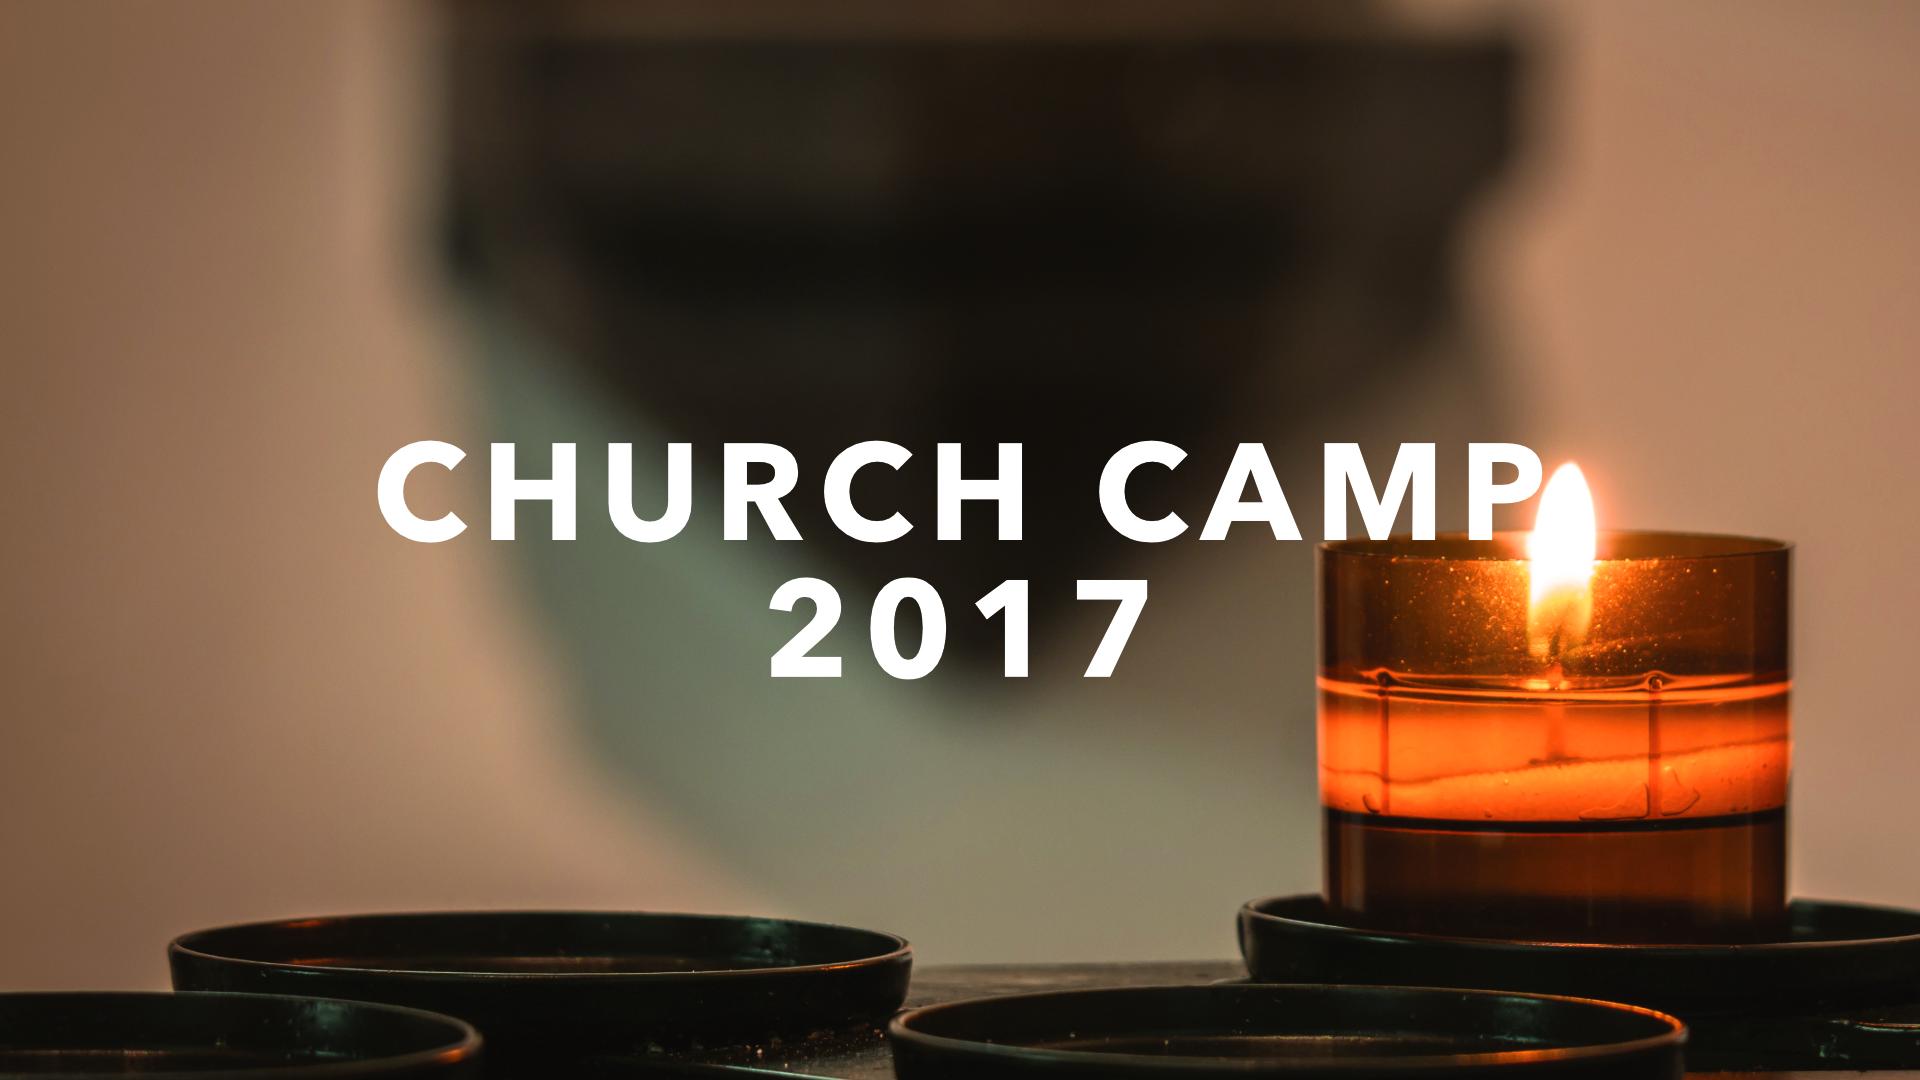 church camp 2017.jpg